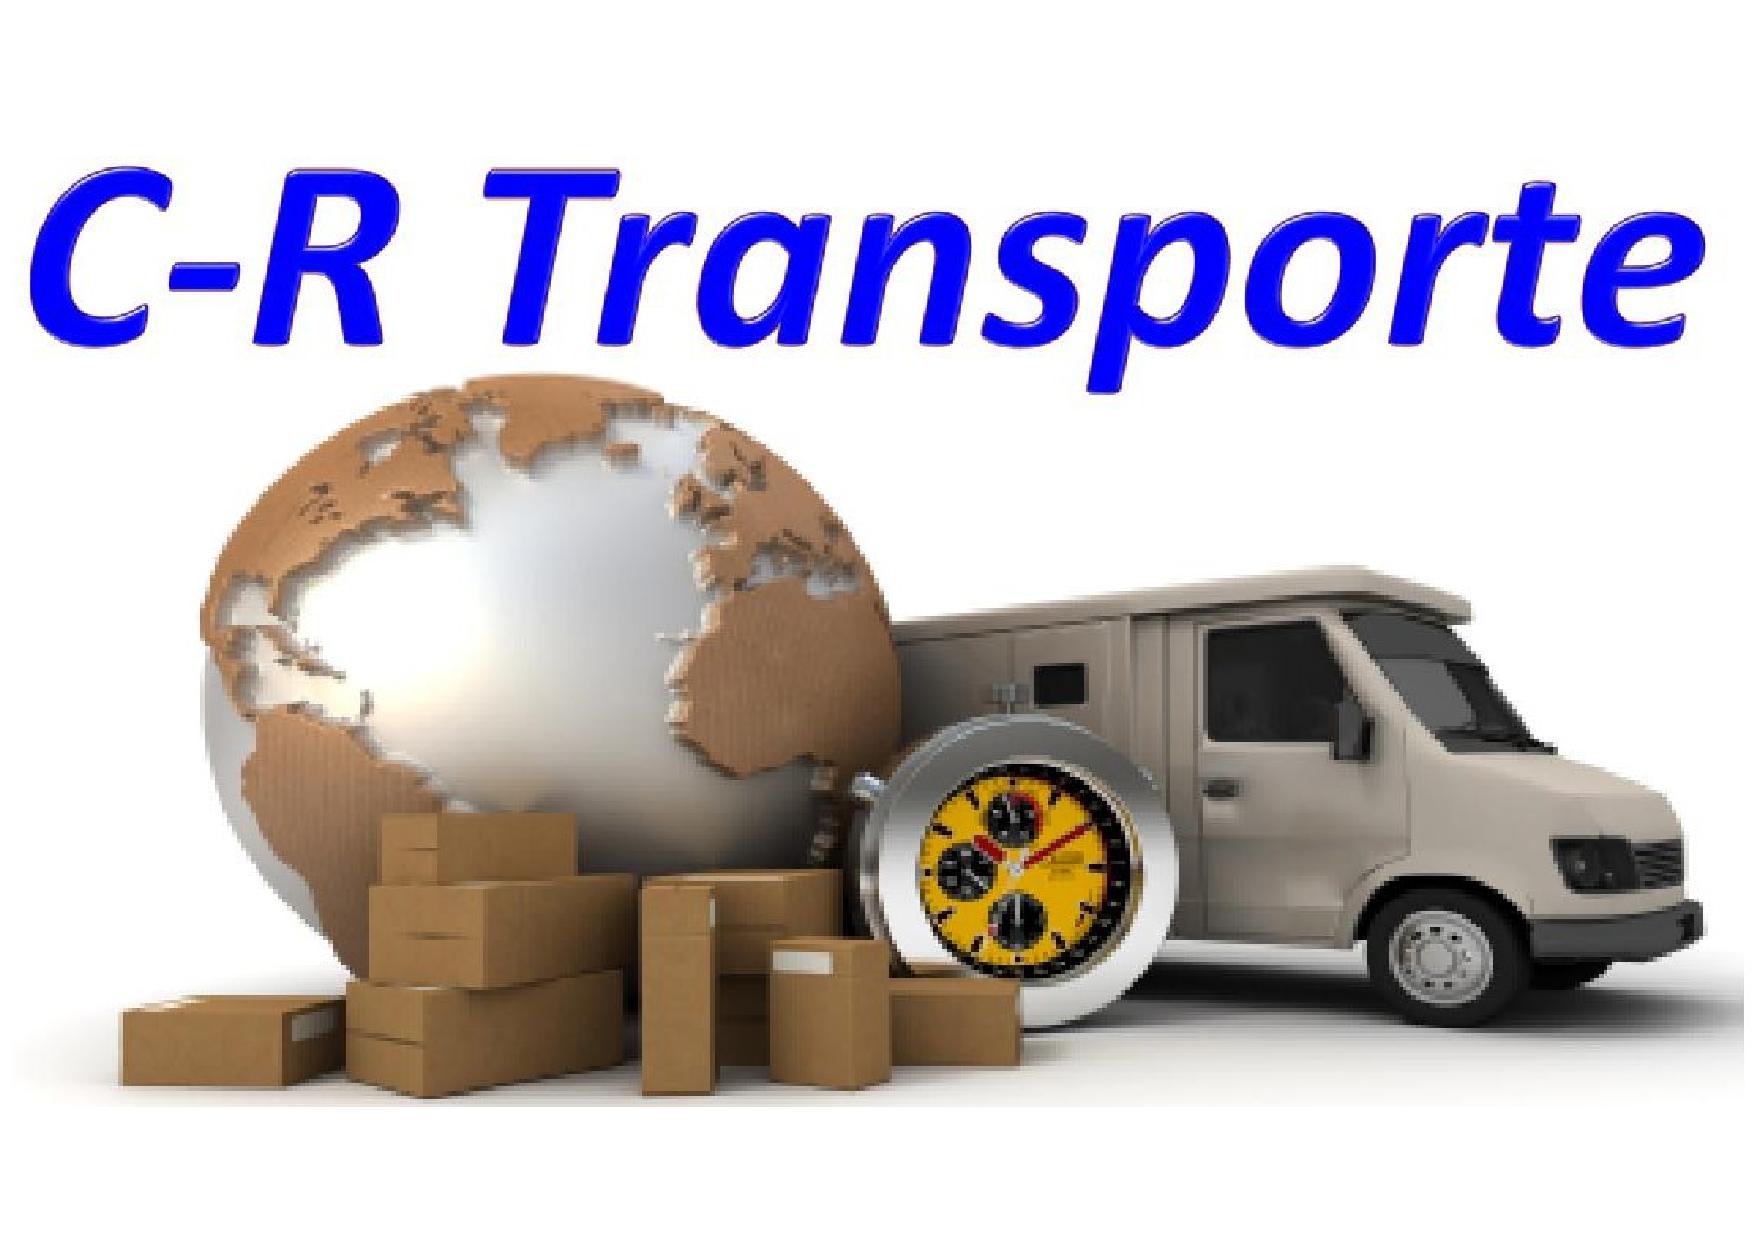 C-R Transporte ©